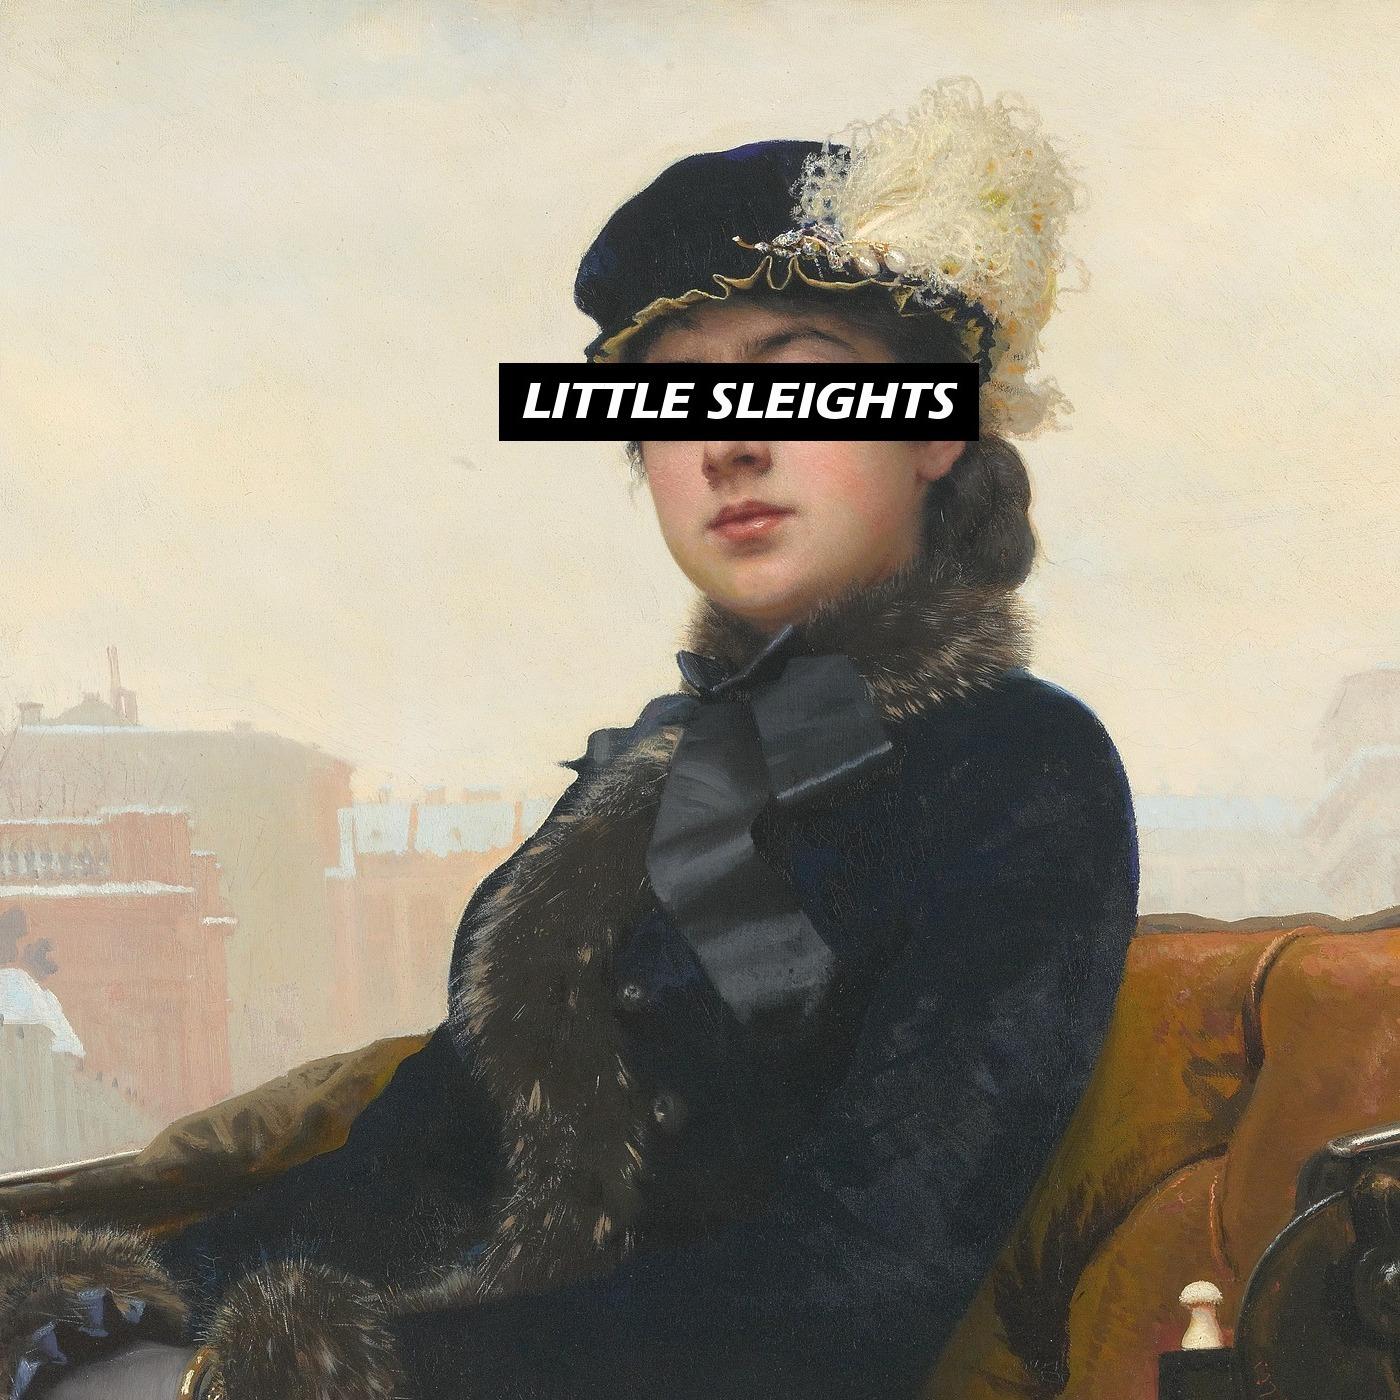 Little Sleights